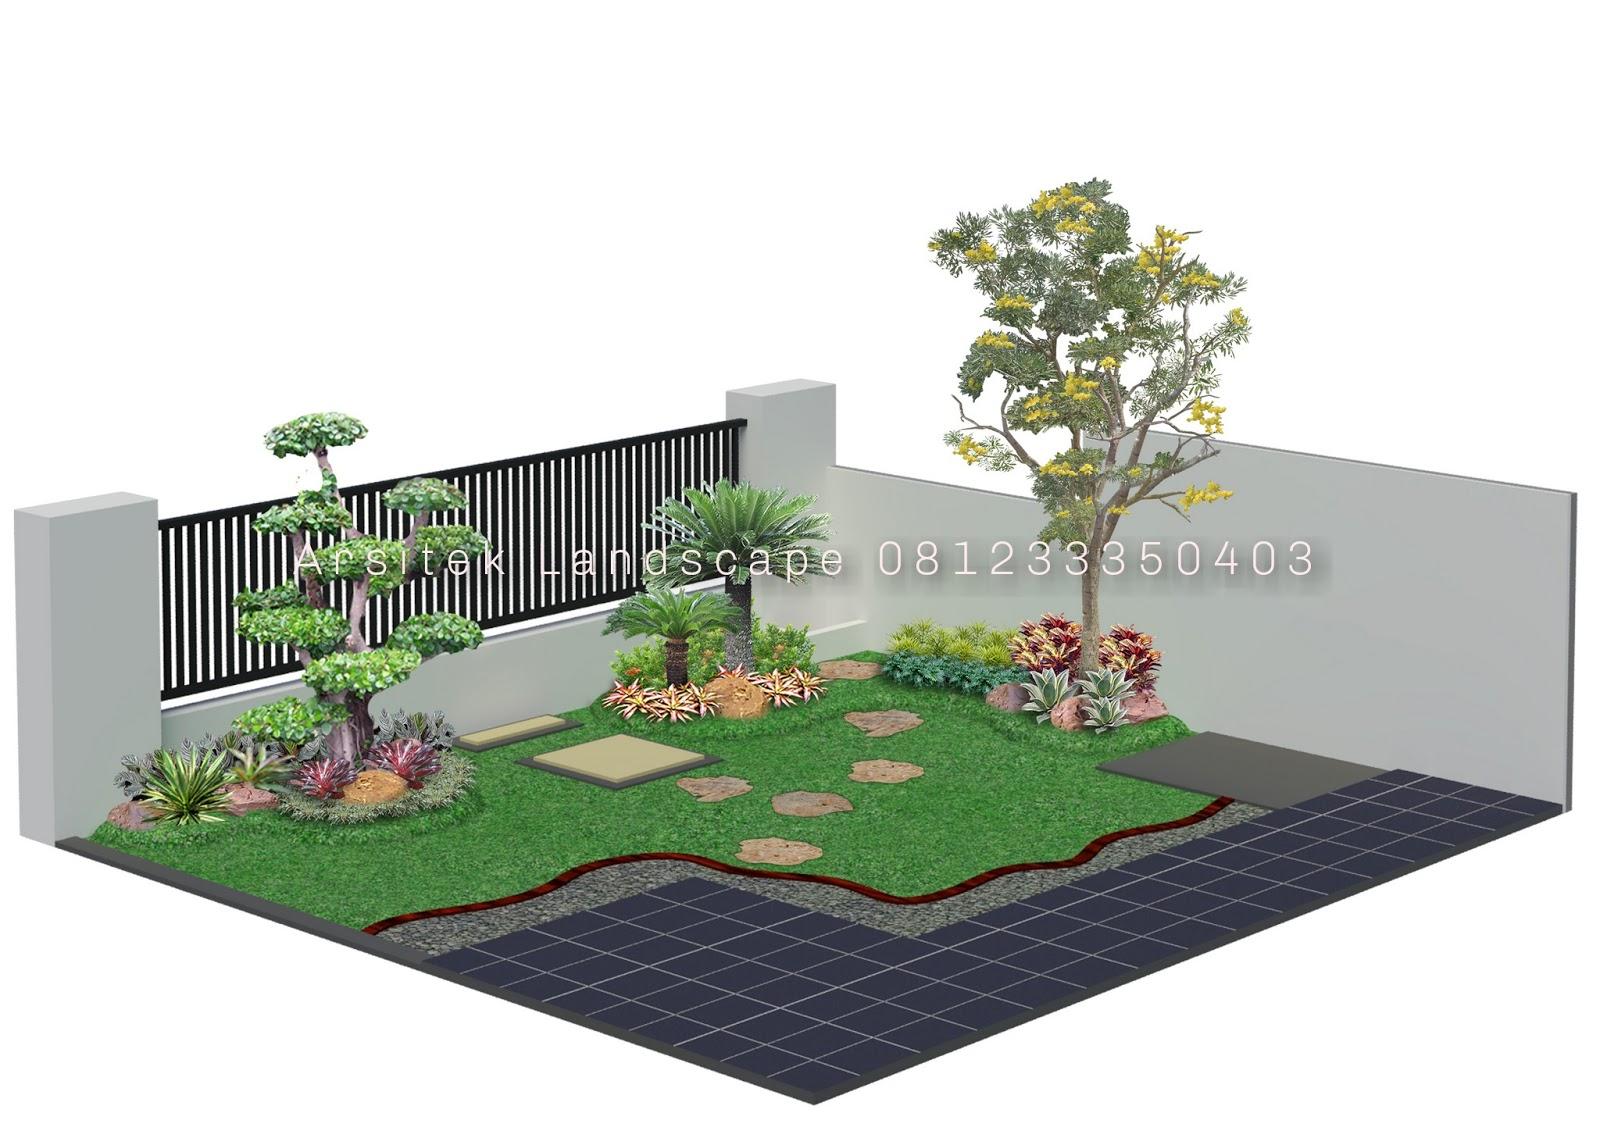 Sketsa Desain Taman 3D - Jasa Pembuatan Taman